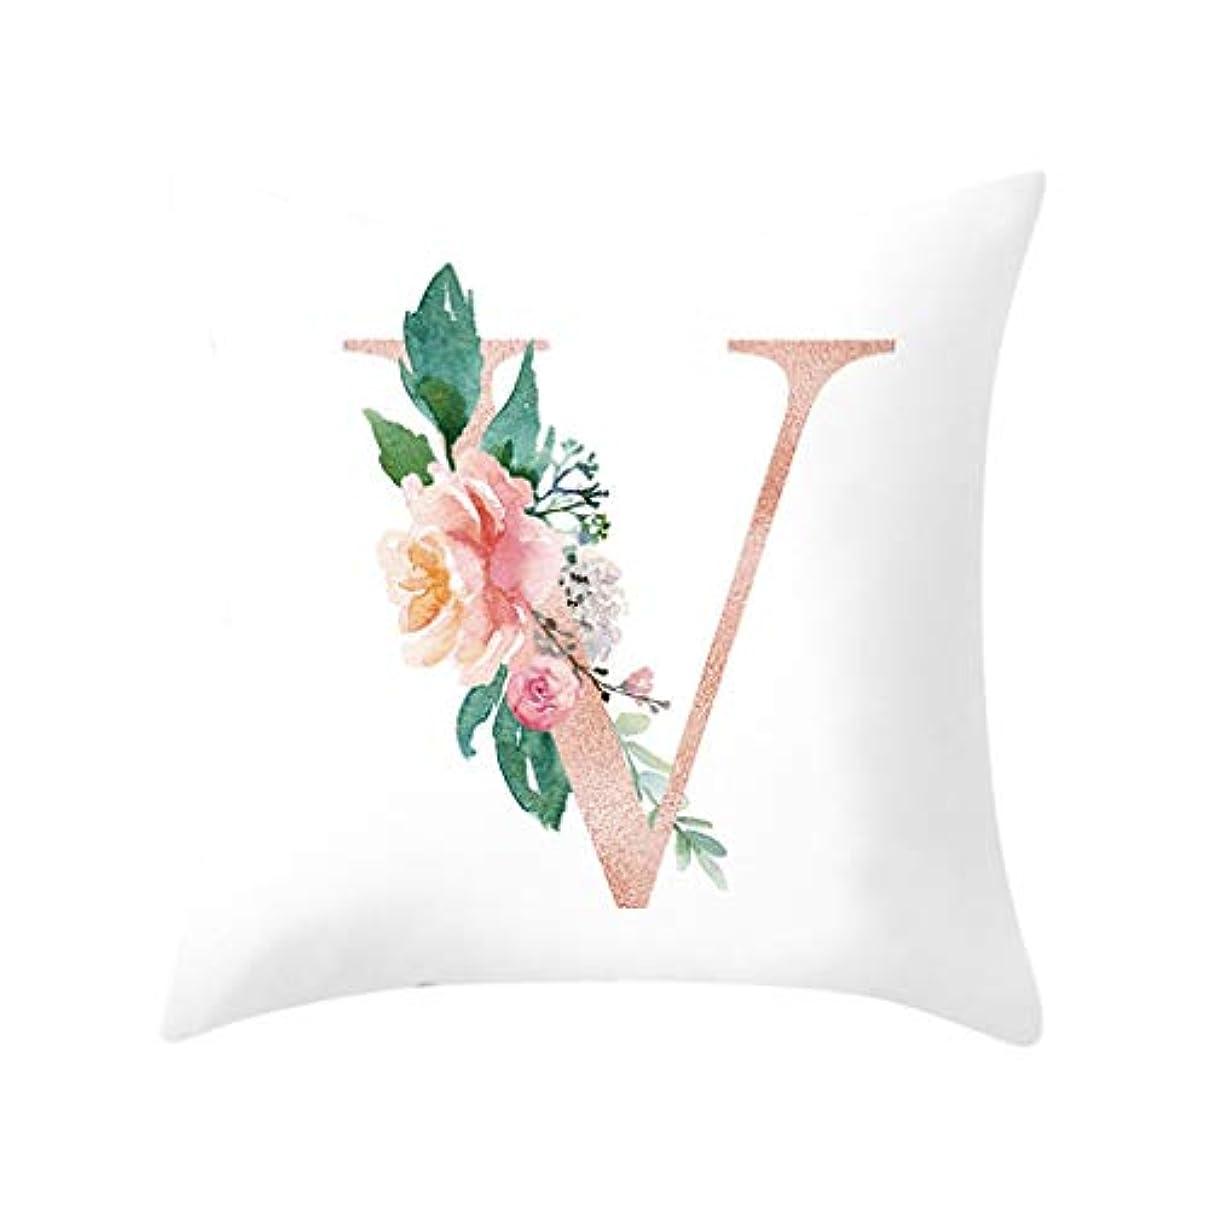 ひまわりダース安息LIFE 装飾クッションソファ手紙枕アルファベットクッション印刷ソファ家の装飾の花枕 coussin decoratif クッション 椅子